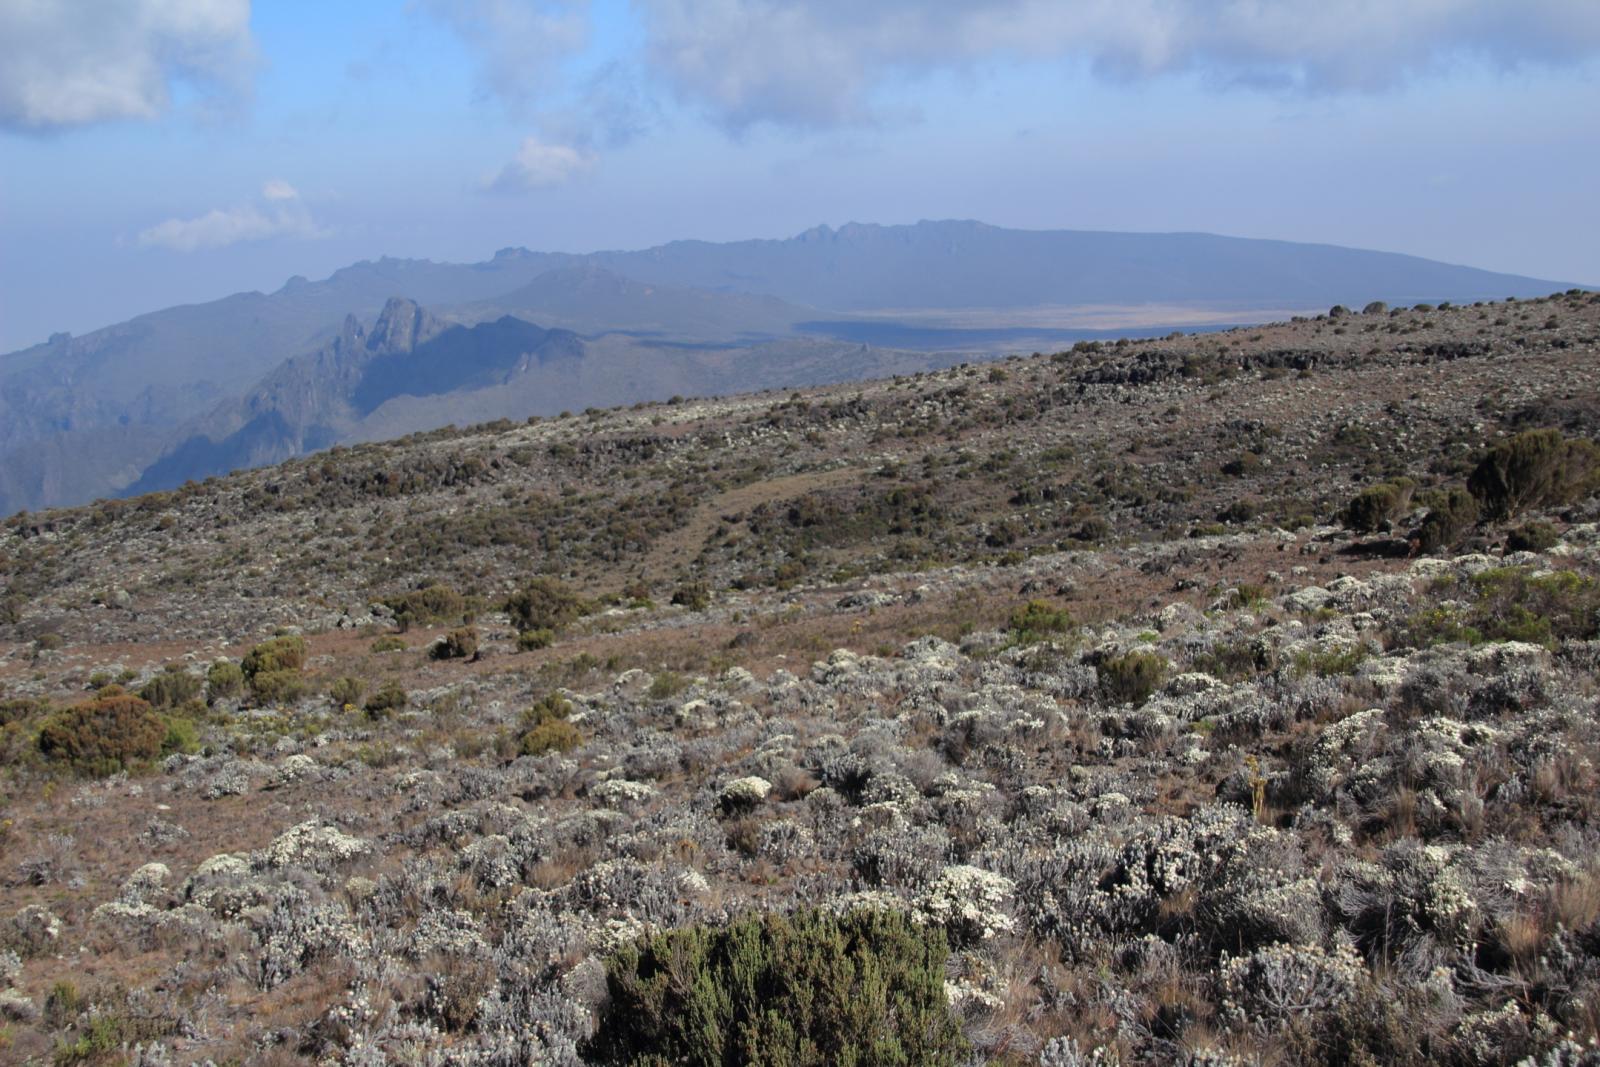 la vegetazione si dirada a quota 4100 m. verso il Lava Tower (23-8-2014)